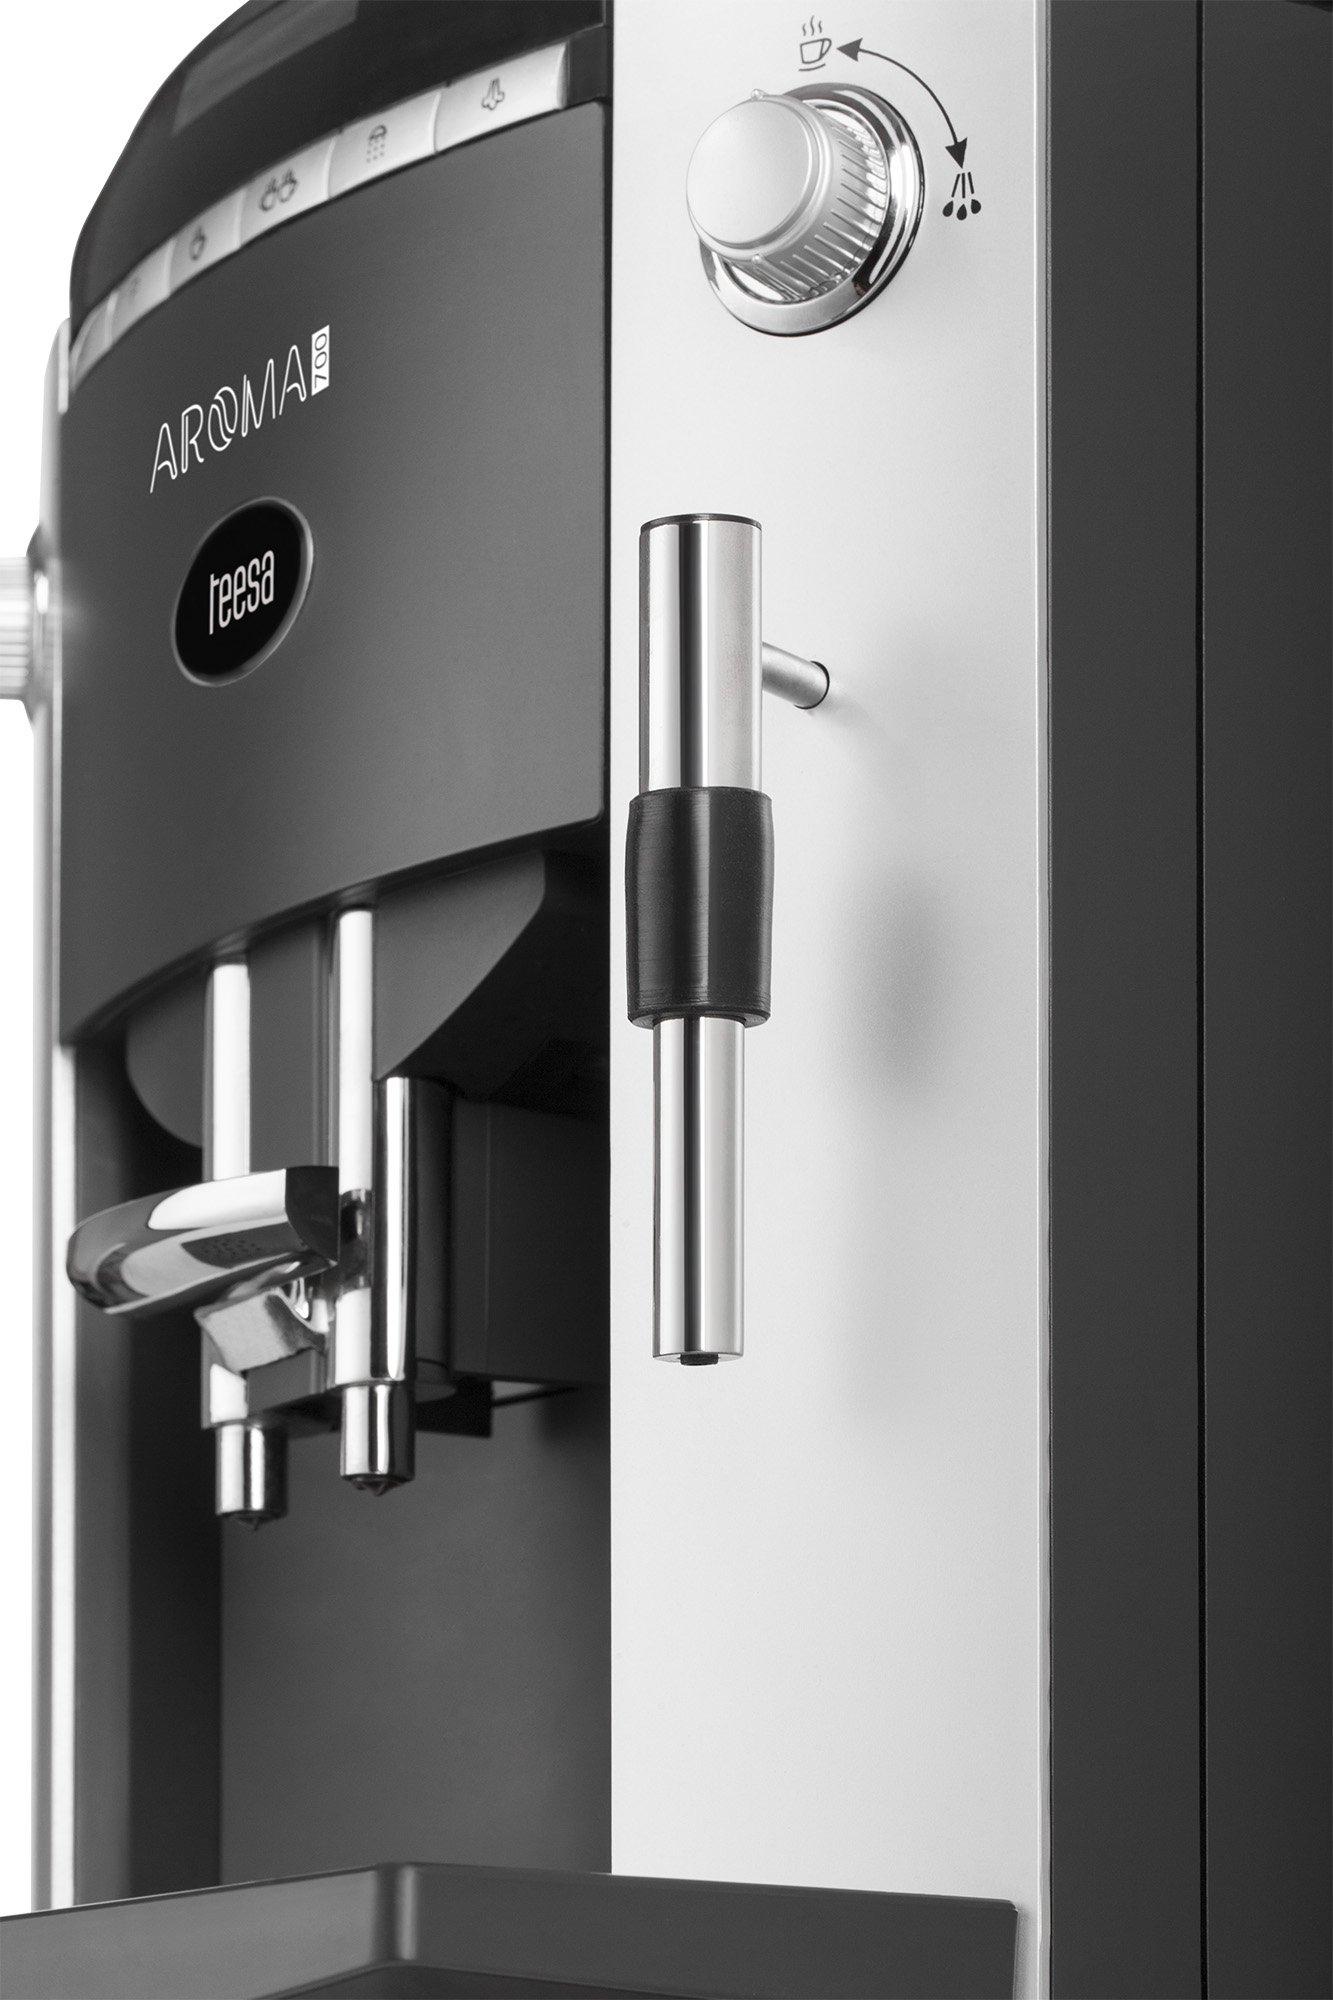 Teesa-AROMA-700-Kaffeevollautomat-mit-Mahlwerk-TSA4001-19-Liter-silberschwarz